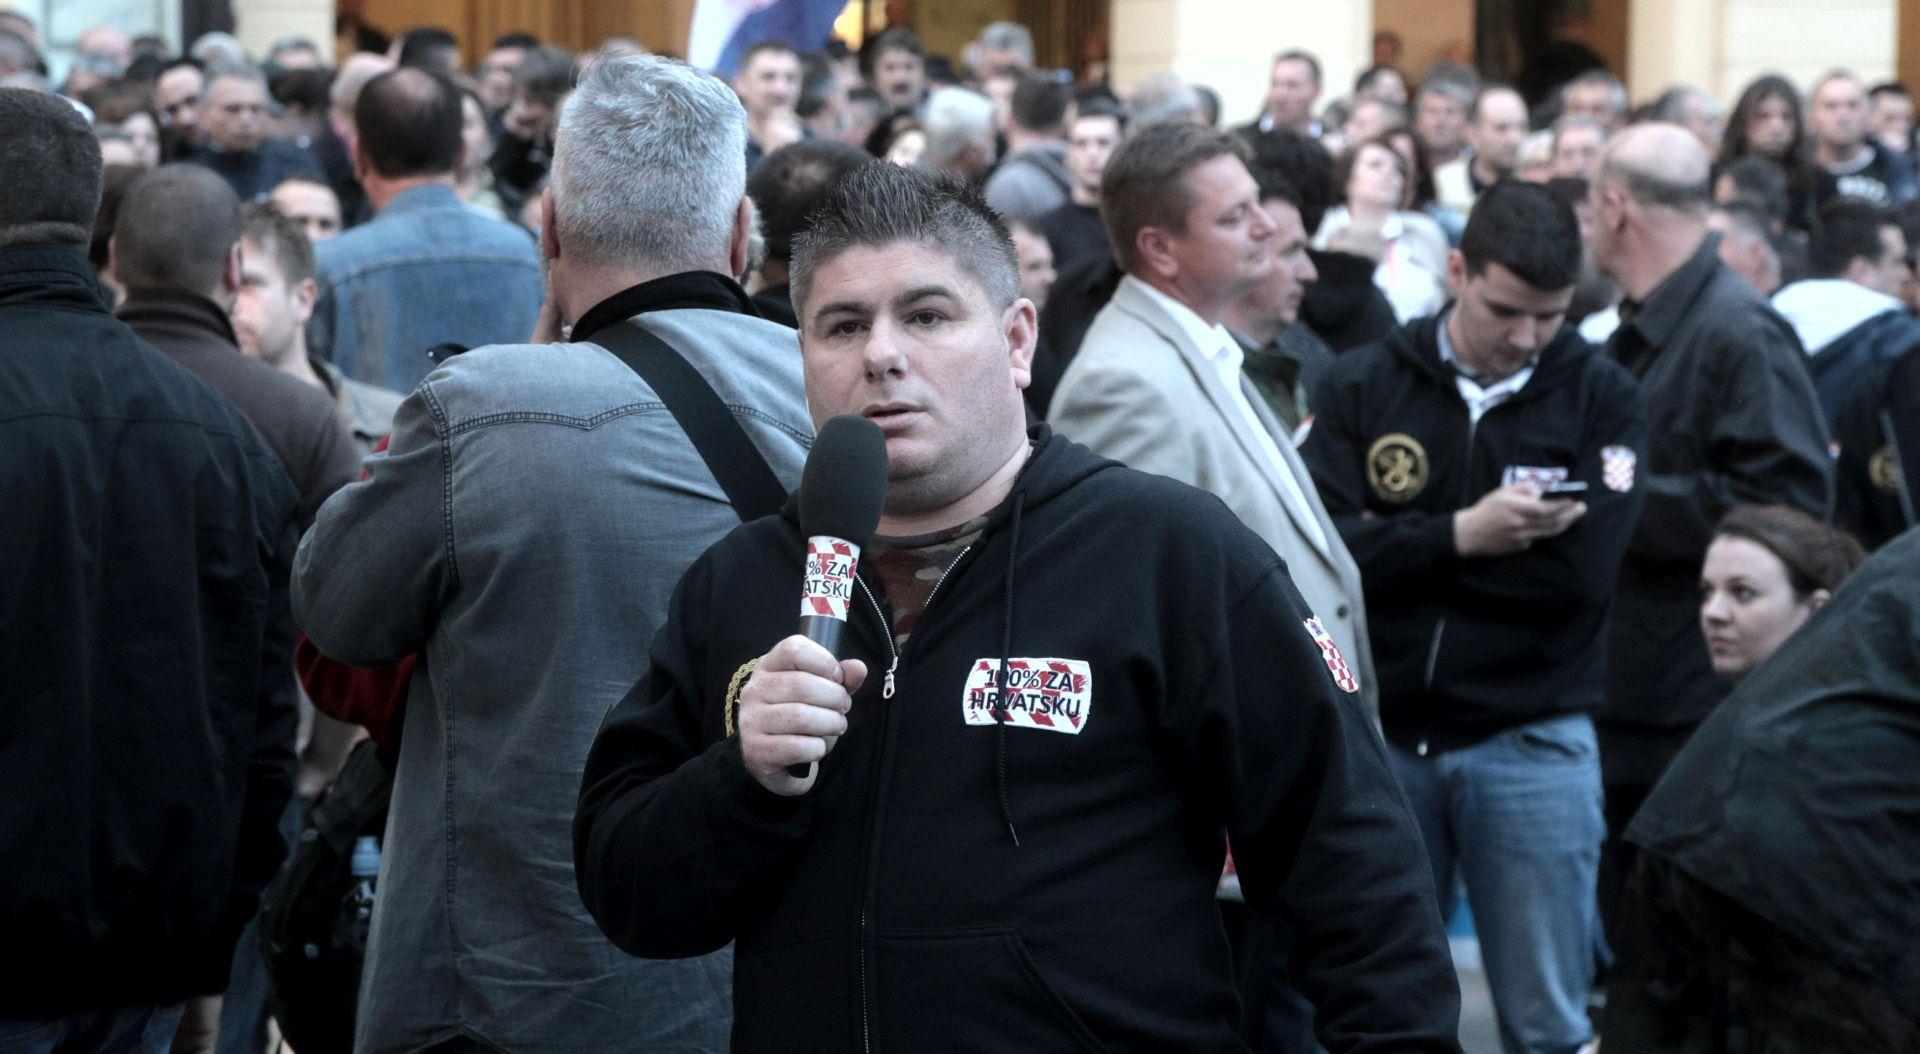 Bujanec se odbio ispričati Ostojiću i odbacio optužbe za klevetu